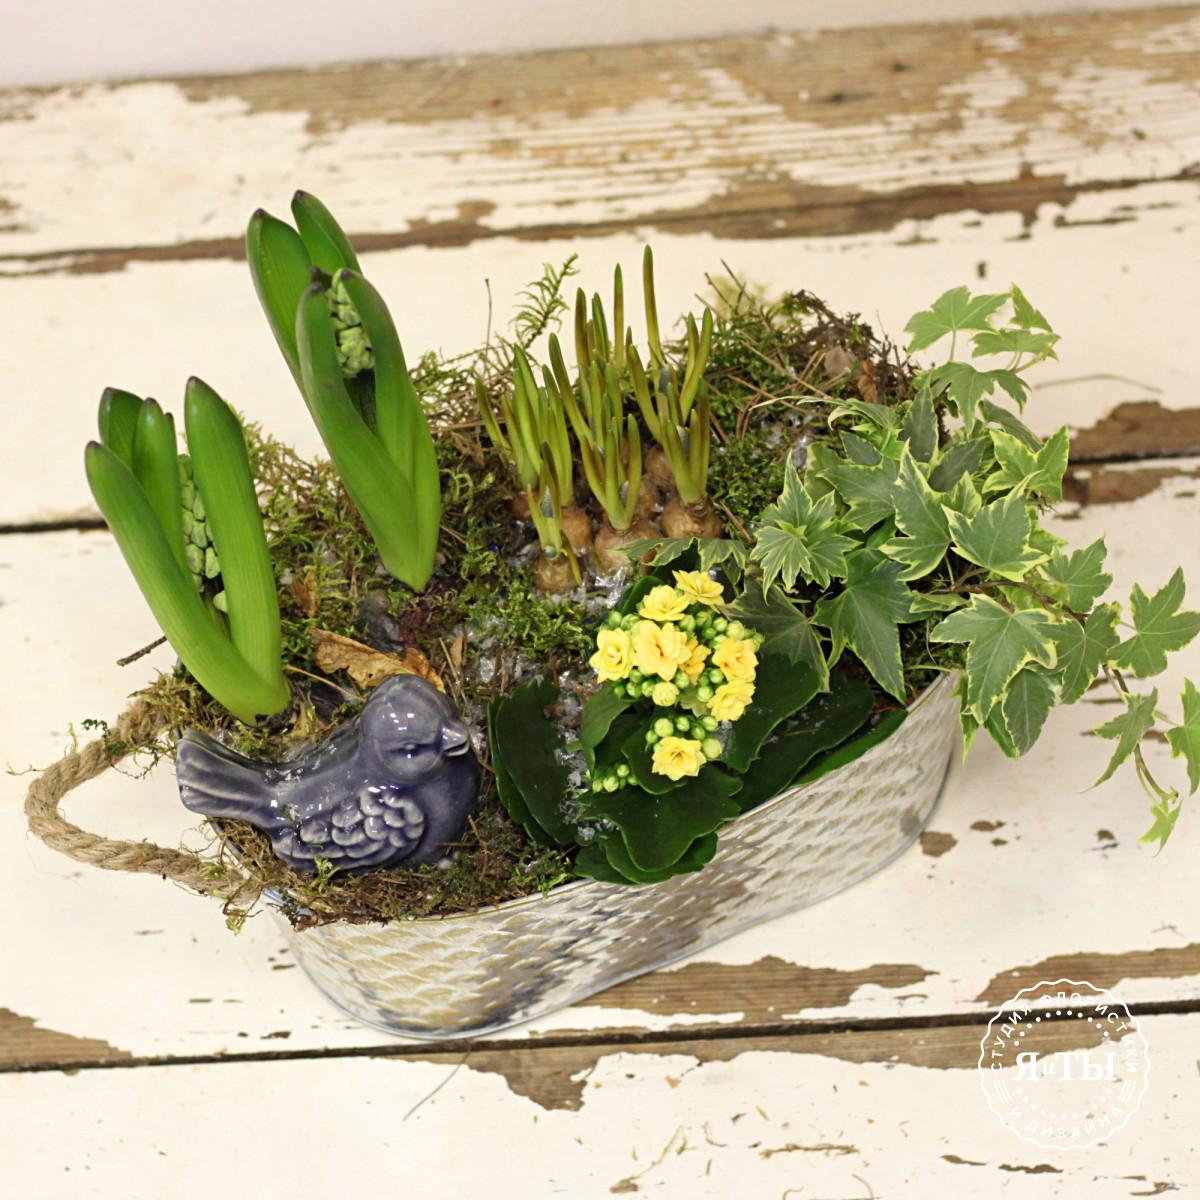 Композиция из луковичных растений с птичкой, каланхое и плющом